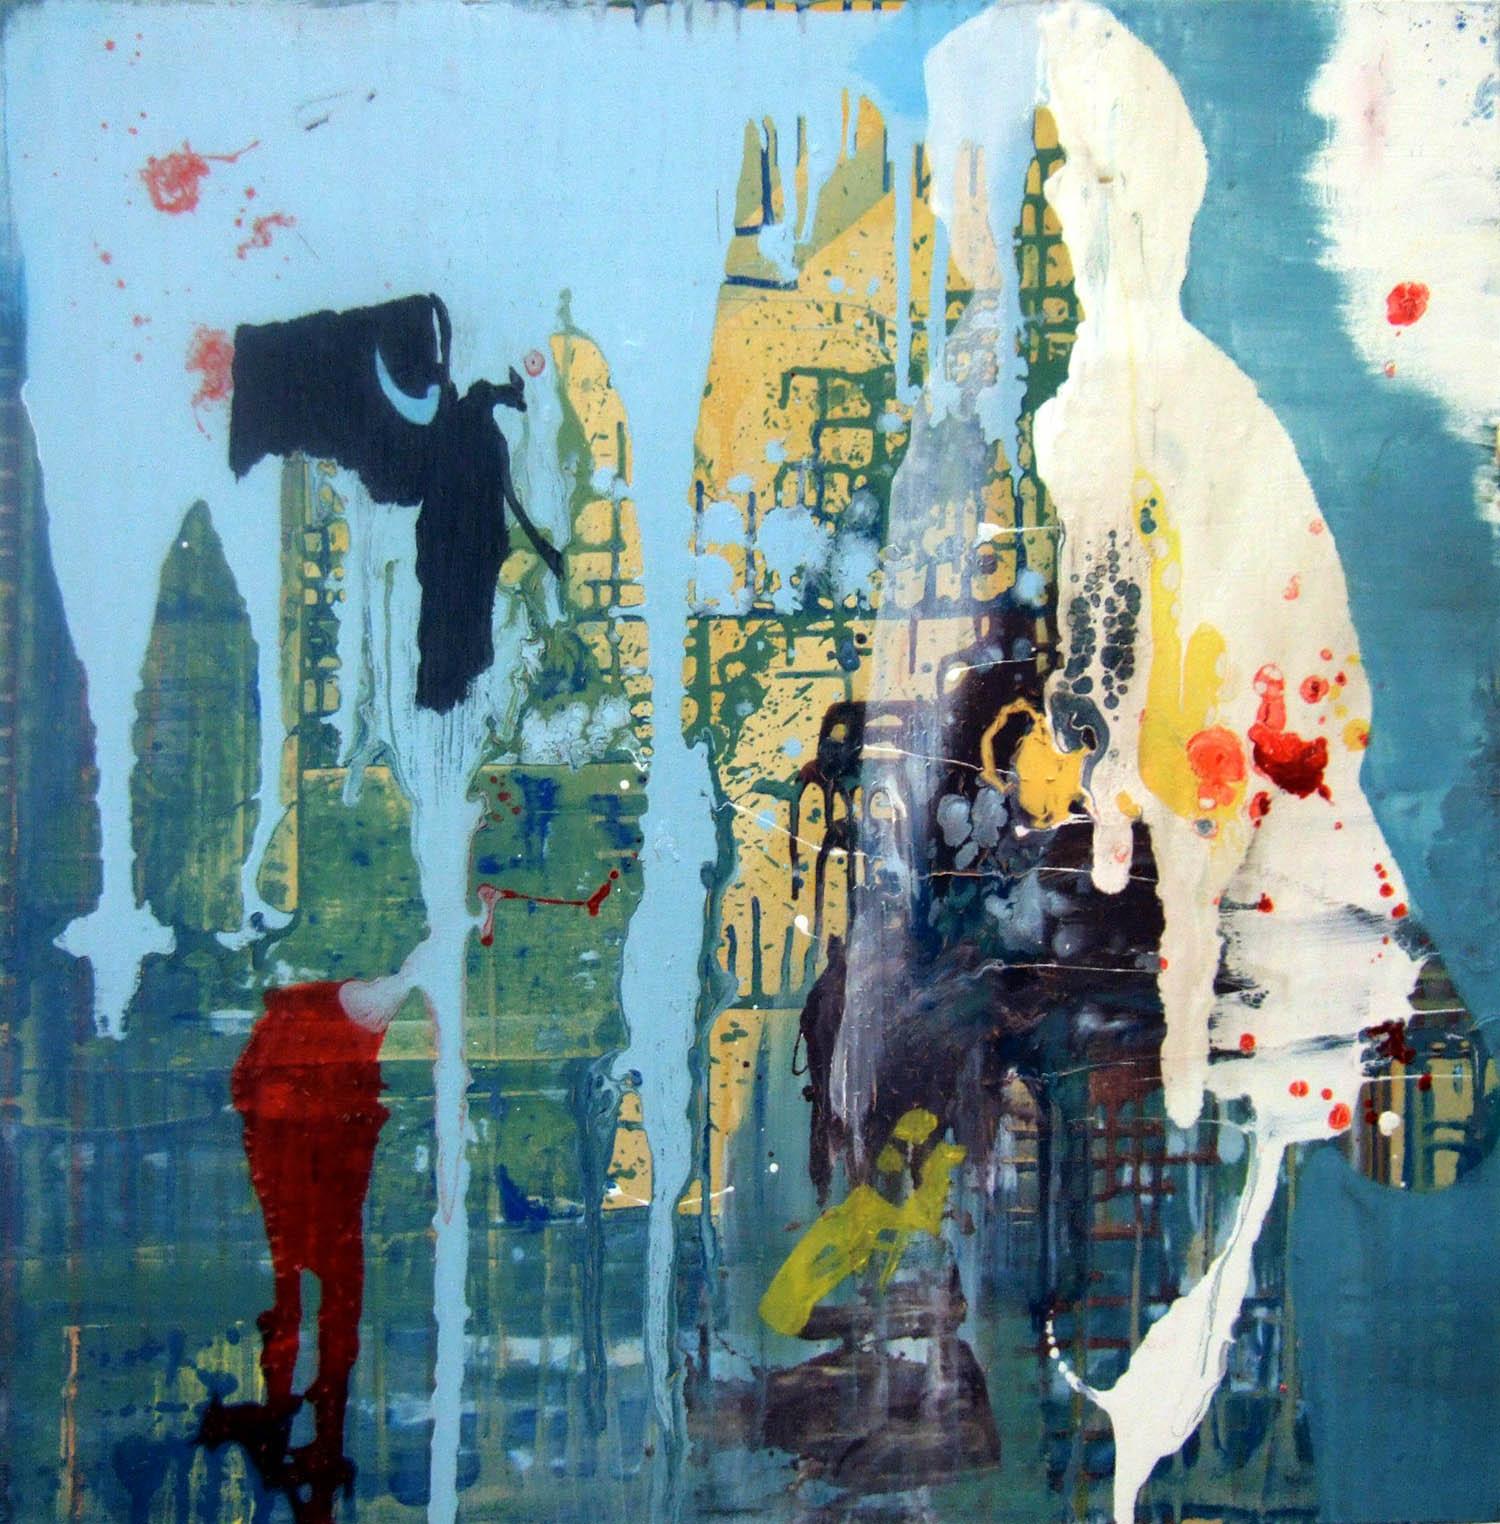 Bull (2006), acrylic and oil on canvas, 80 x 80cm